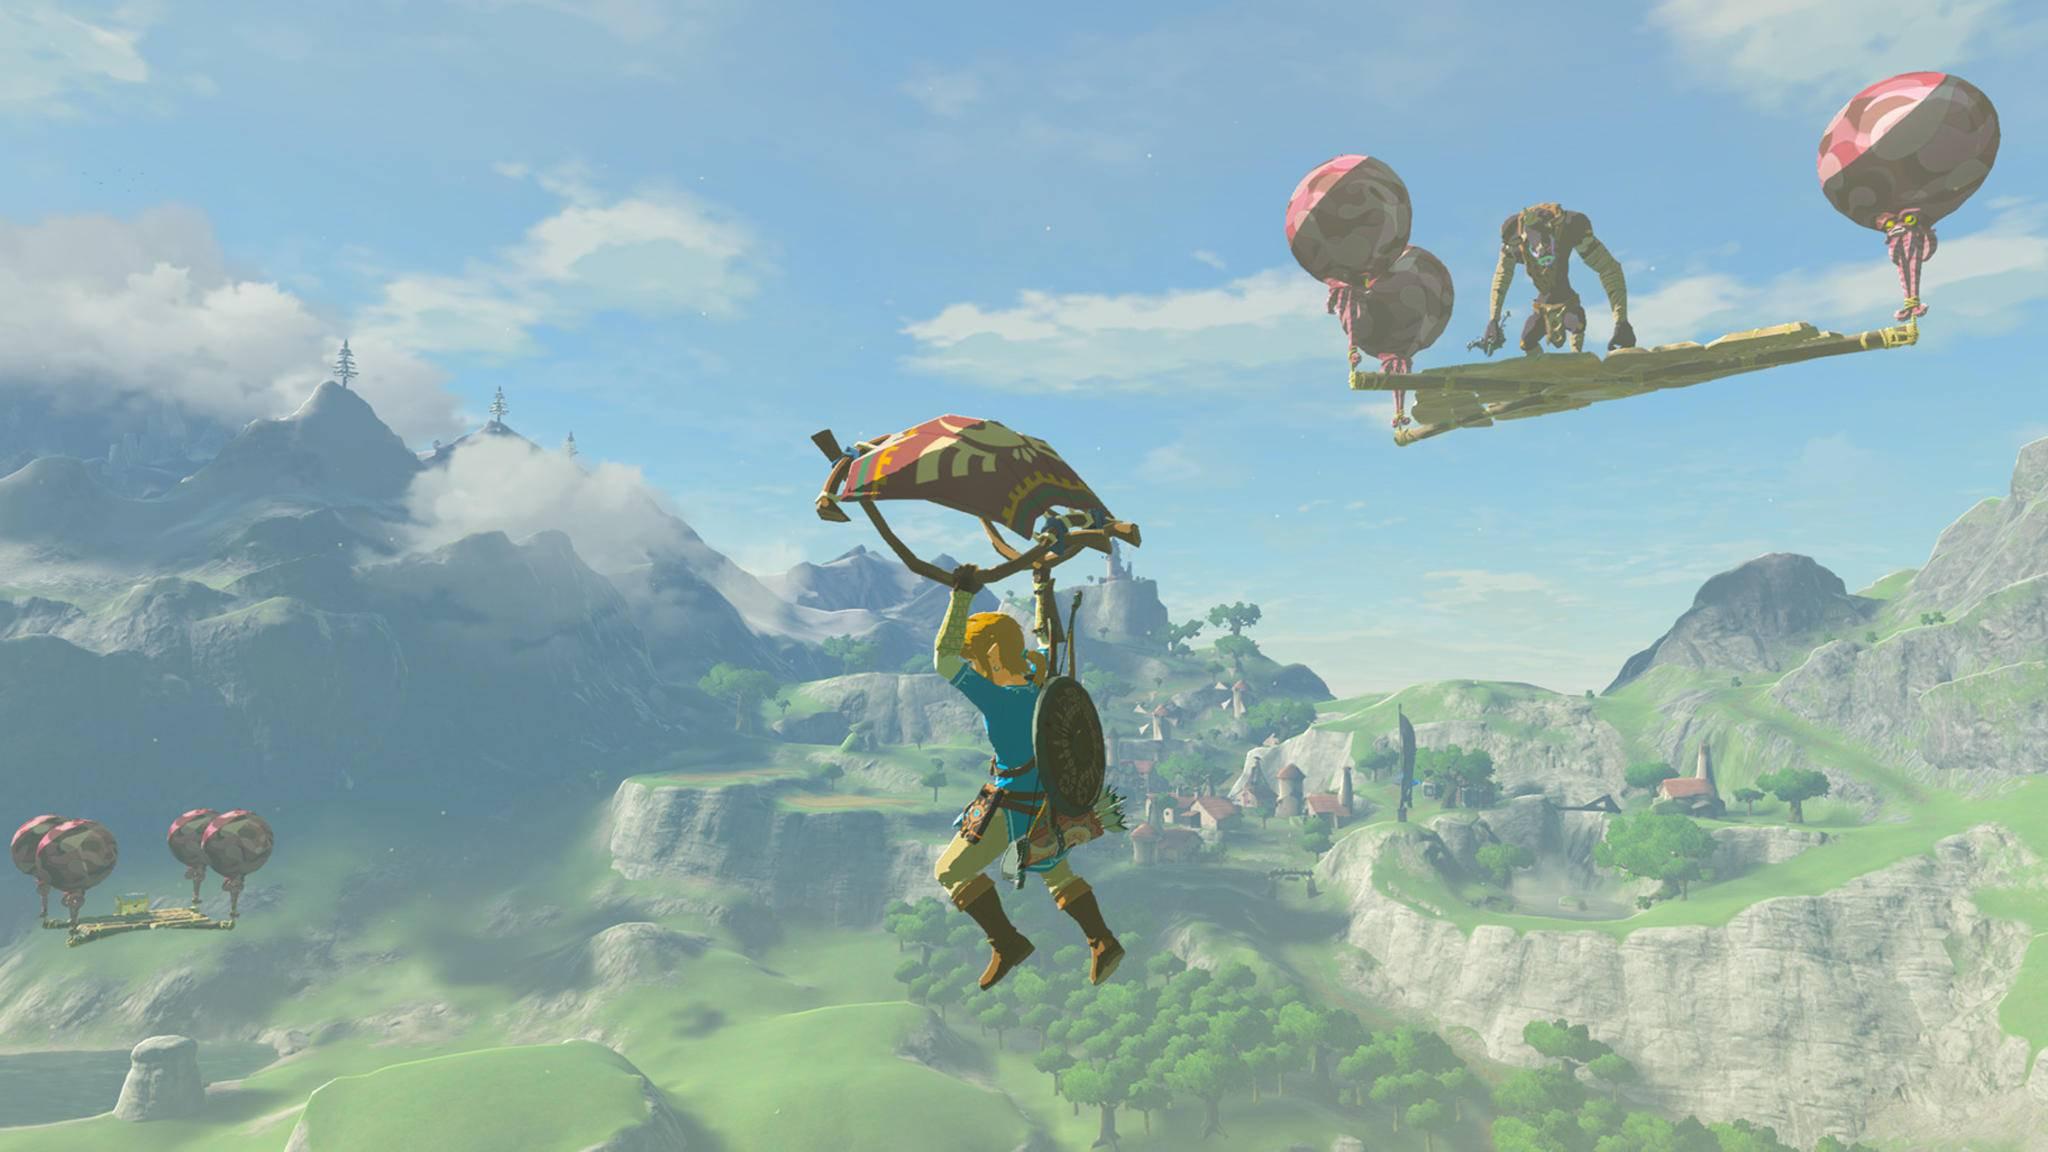 """""""The Legend of Zelda: Breath of the Wild"""": Im neuen Schwierigen Modus gibt es am Himmel schwebende Planken."""